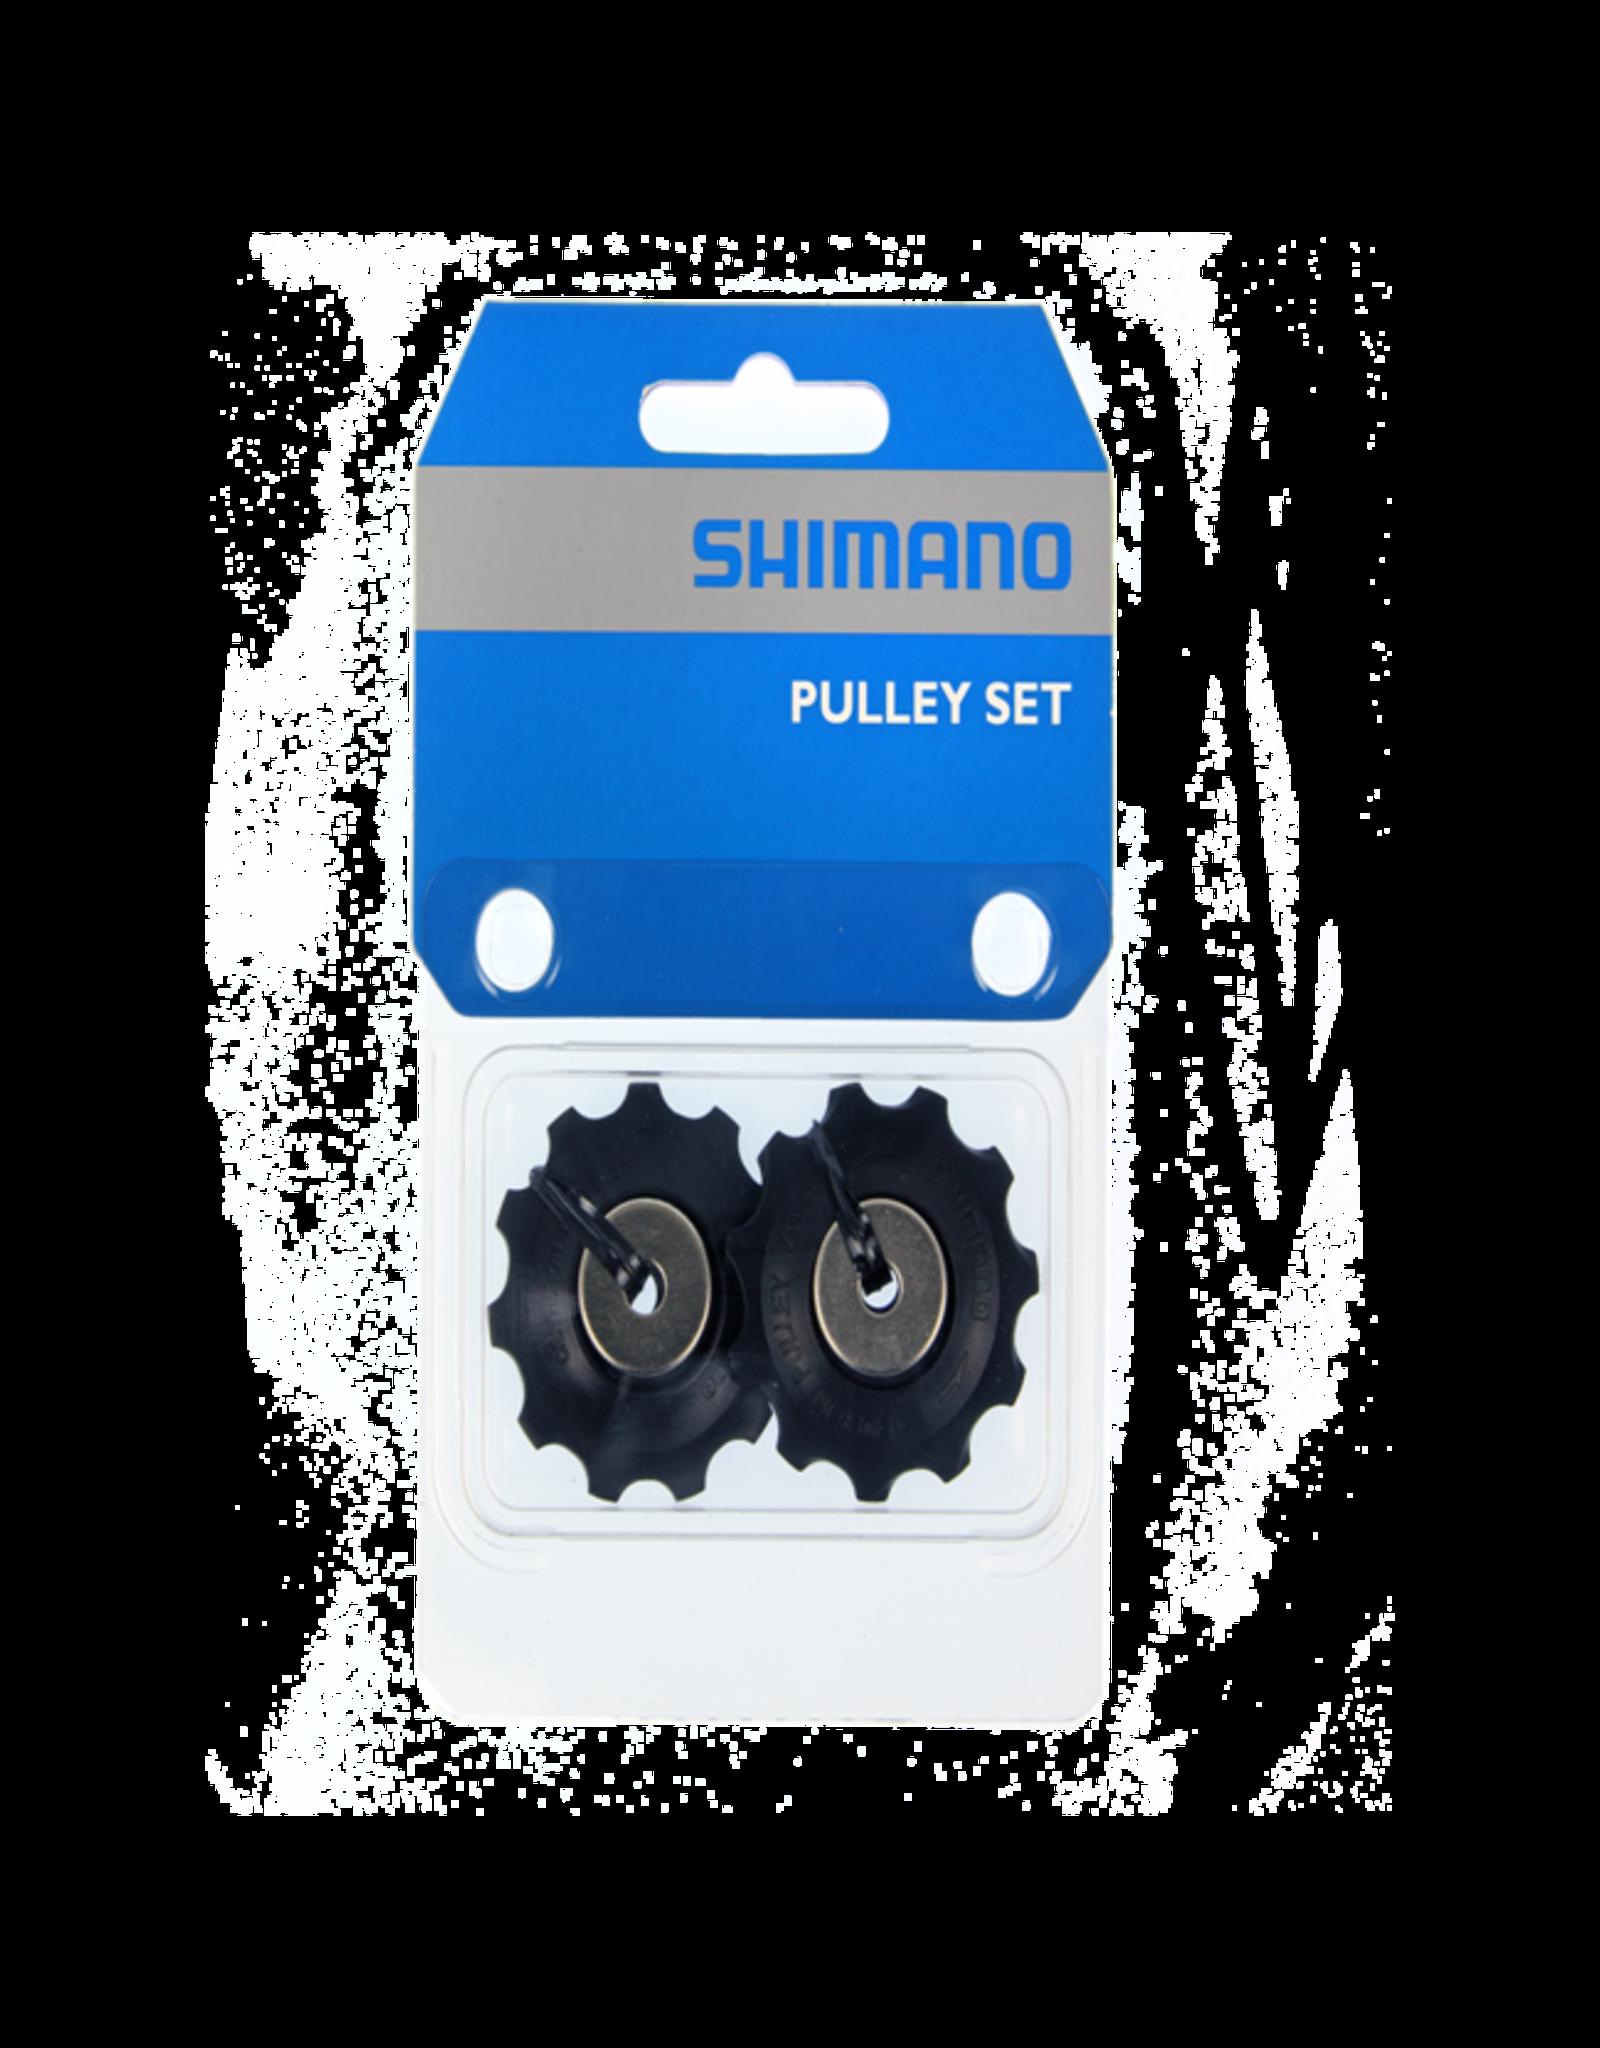 Shimano Shimano 105 5700 10-Speed Rear Derailleur Pulley Set